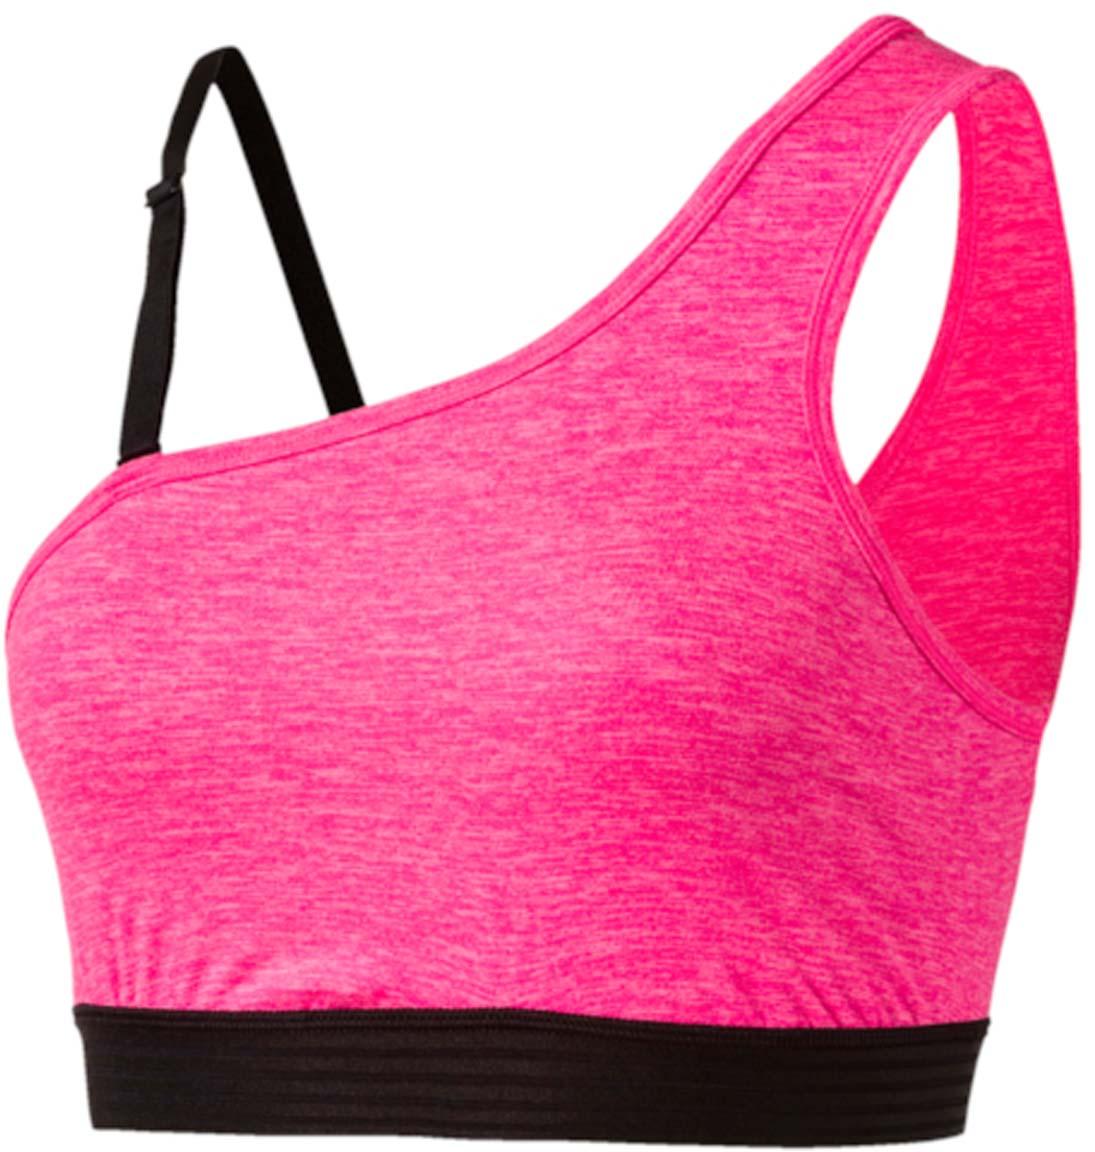 Топ-бра для йоги Puma YOGINI One Shoulder, цвет: розовый. 515149_03. Размер S (42/44)515149_03Этот топ оригинального ассиметричного фасона и лаконичного дизайна изготовлен с использованием высокофункциональной технологии dryCELL, которая отводит влагу, поддерживает тело сухим и гарантирует комфорт во время активных тренировок и занятий спортом. Отстегивающаяся лямка через одно плечо позволяет самостоятельно менять облик изделия и при необходимости оказывает дополнительную поддержку. Топ выполнен из очень мягкого материала с небольшим приятным на ощупь начесом на изнанке, а нижний край отделан сверхэластичным материалом.